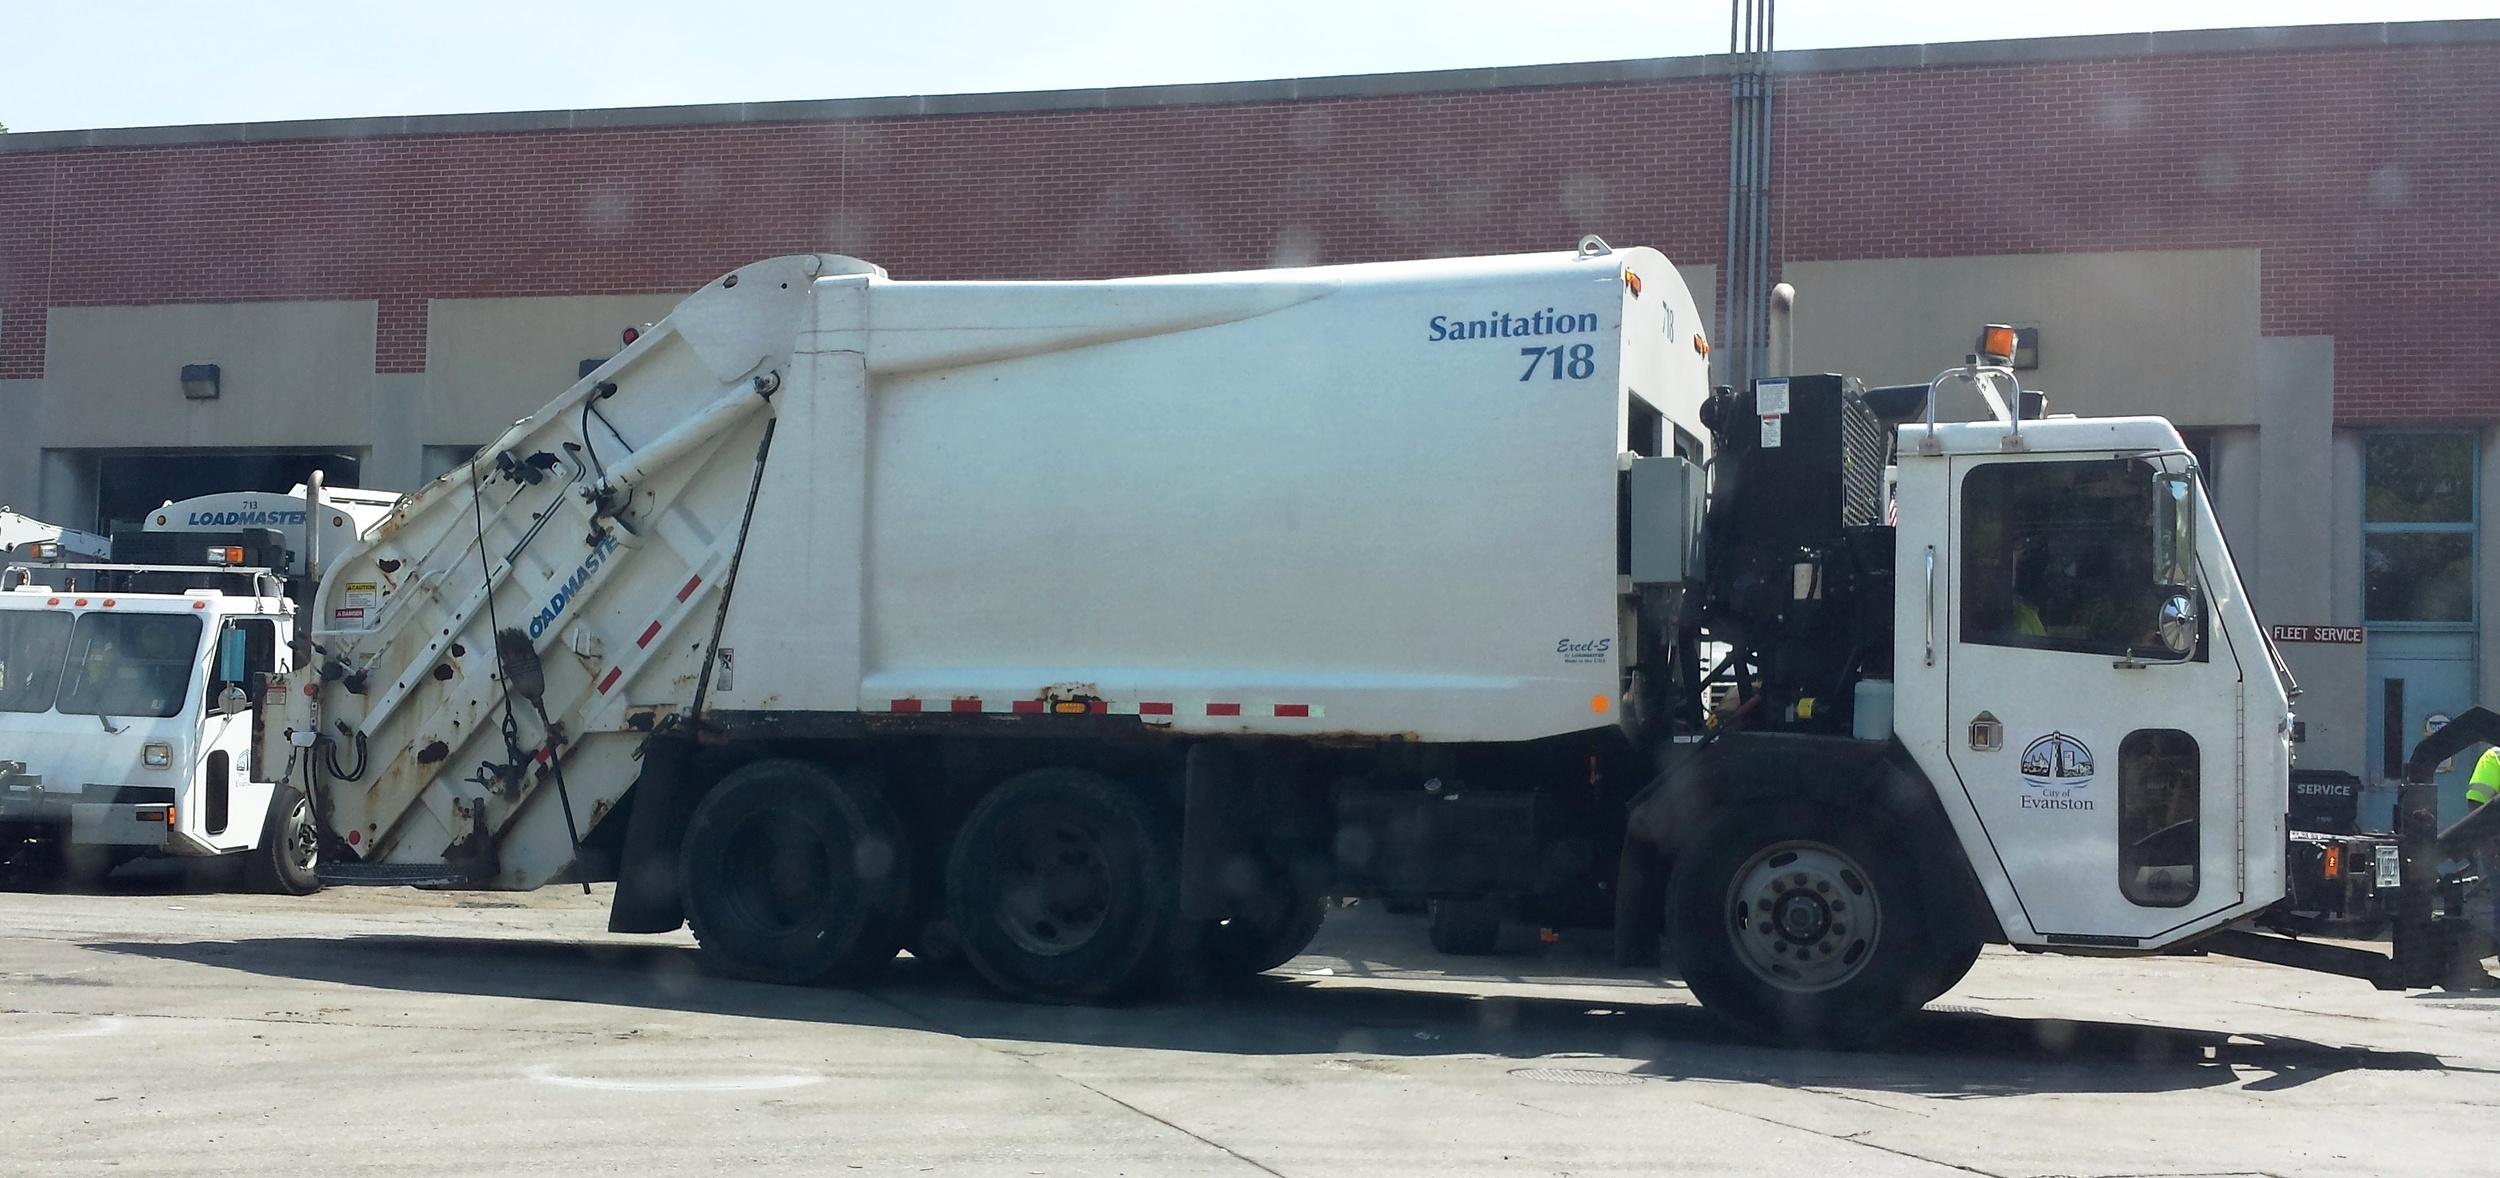 San Truck.jpg